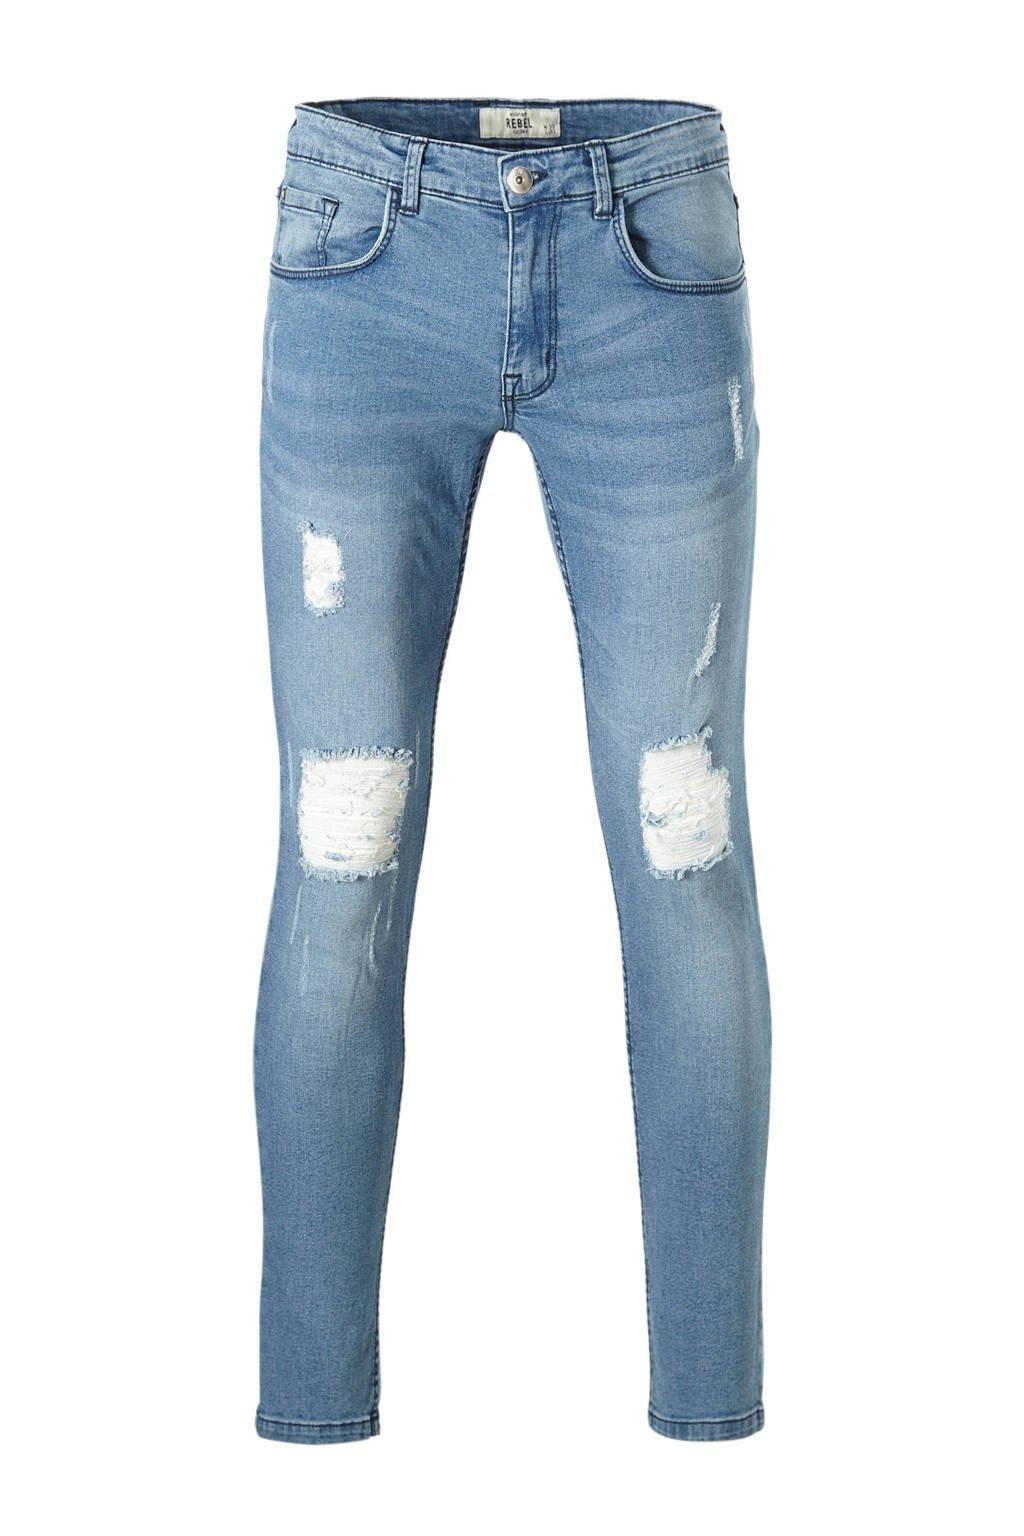 Redefined Rebel regular fit jeans Stockholm Destroy, Maya blue